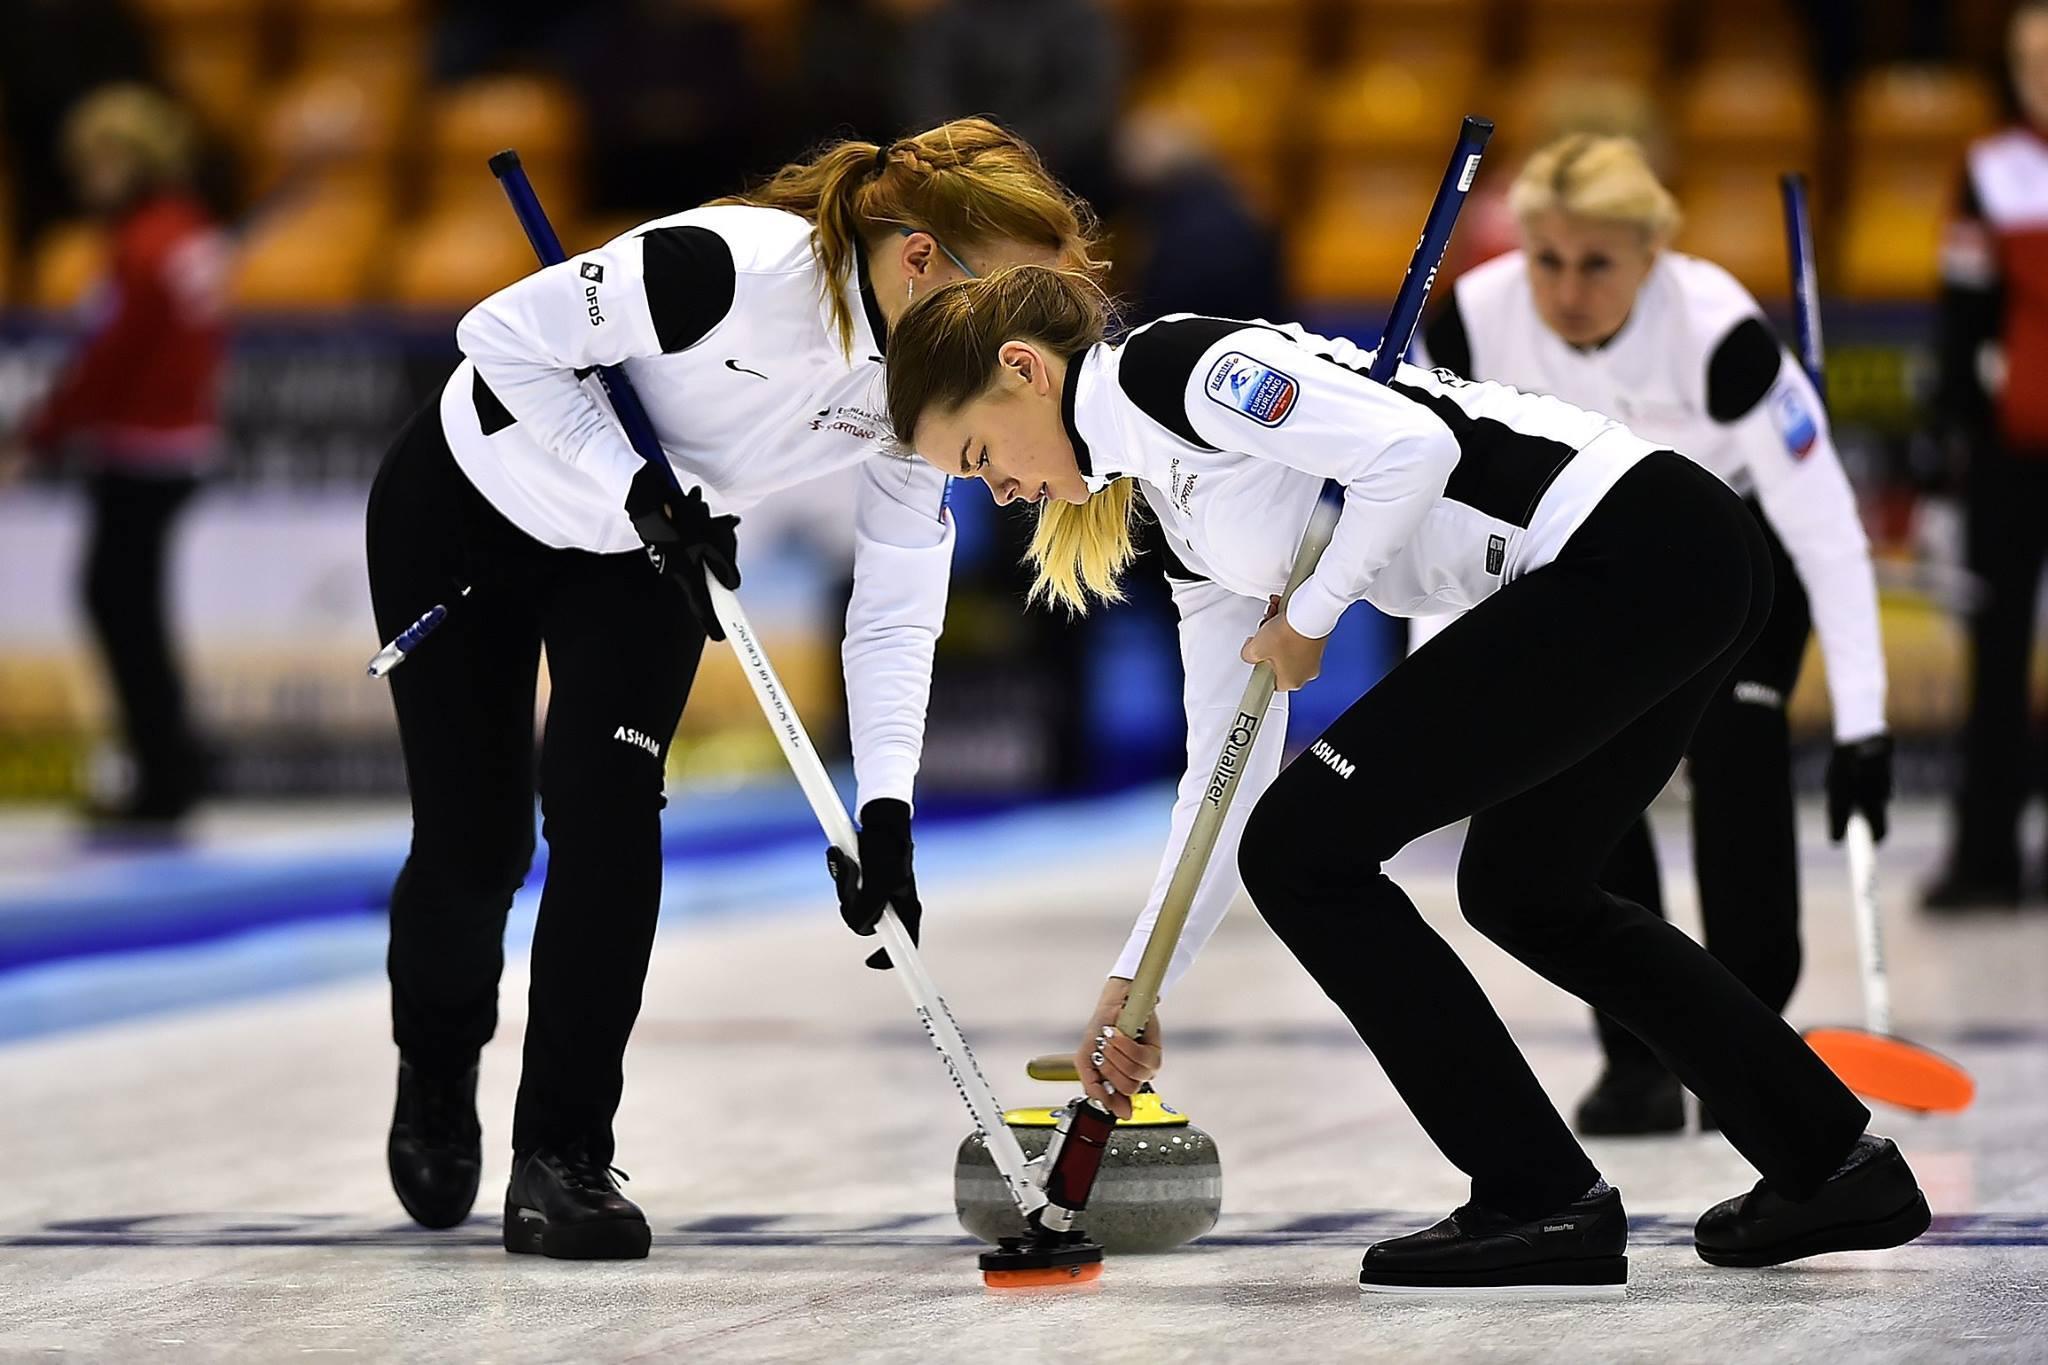 Nädalavahetusel algavad Eesti meistrivõistlused curlingus